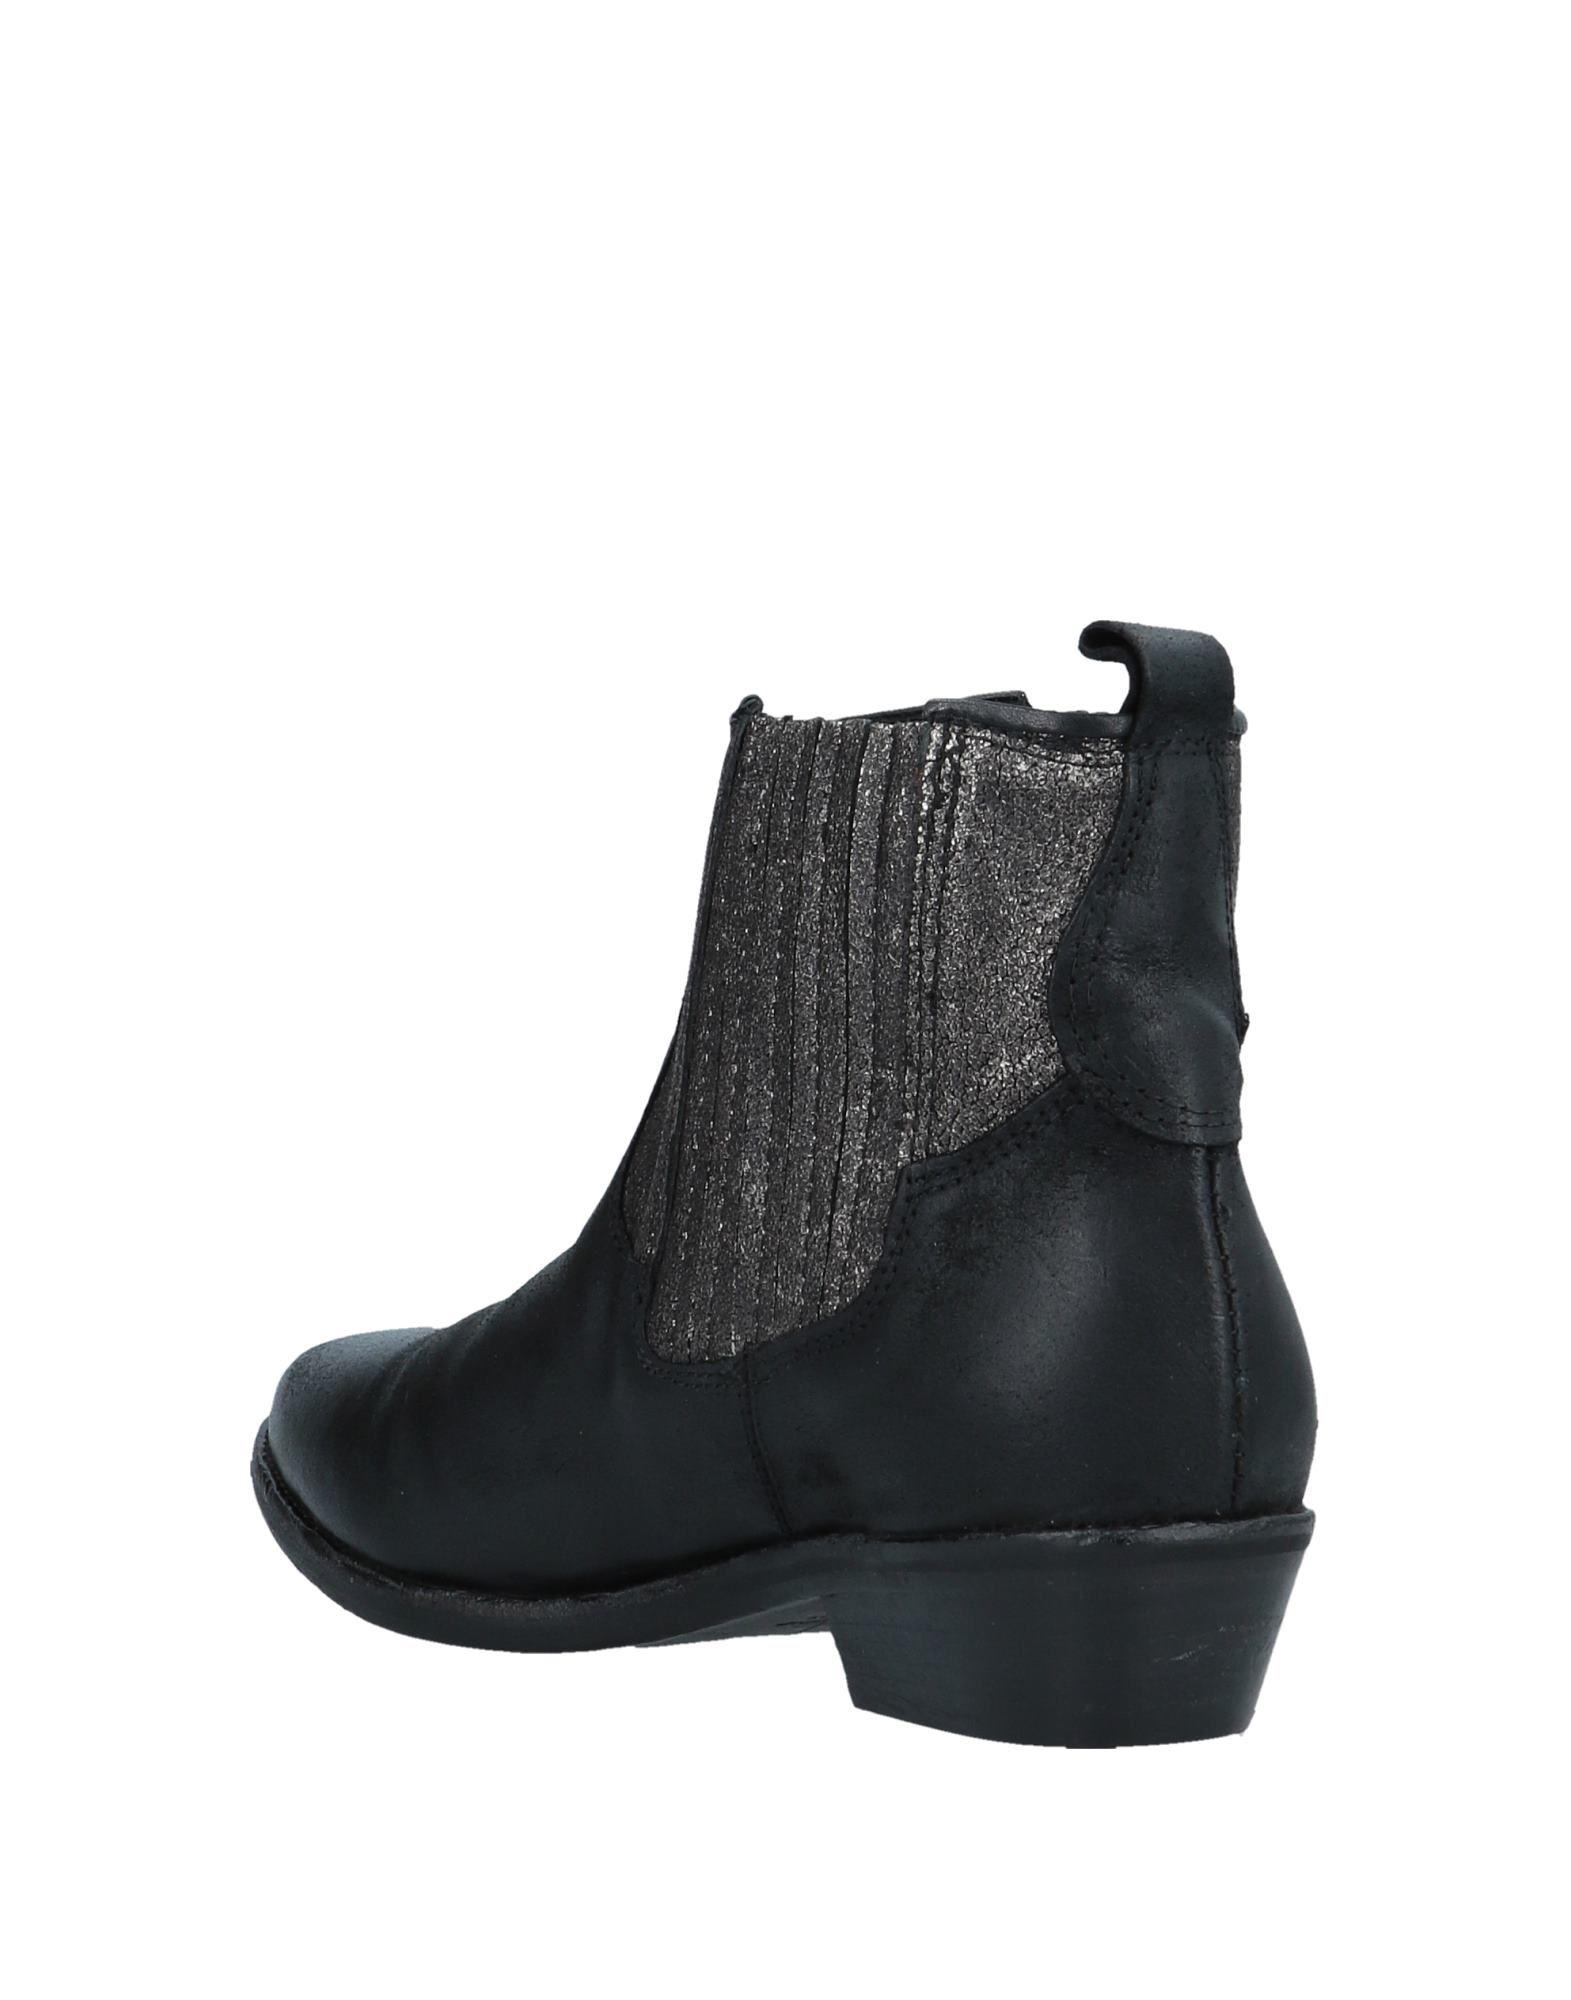 Stilvolle billige Damen Schuhe Kingston Chelsea Boots Damen billige  11547357SL b06089